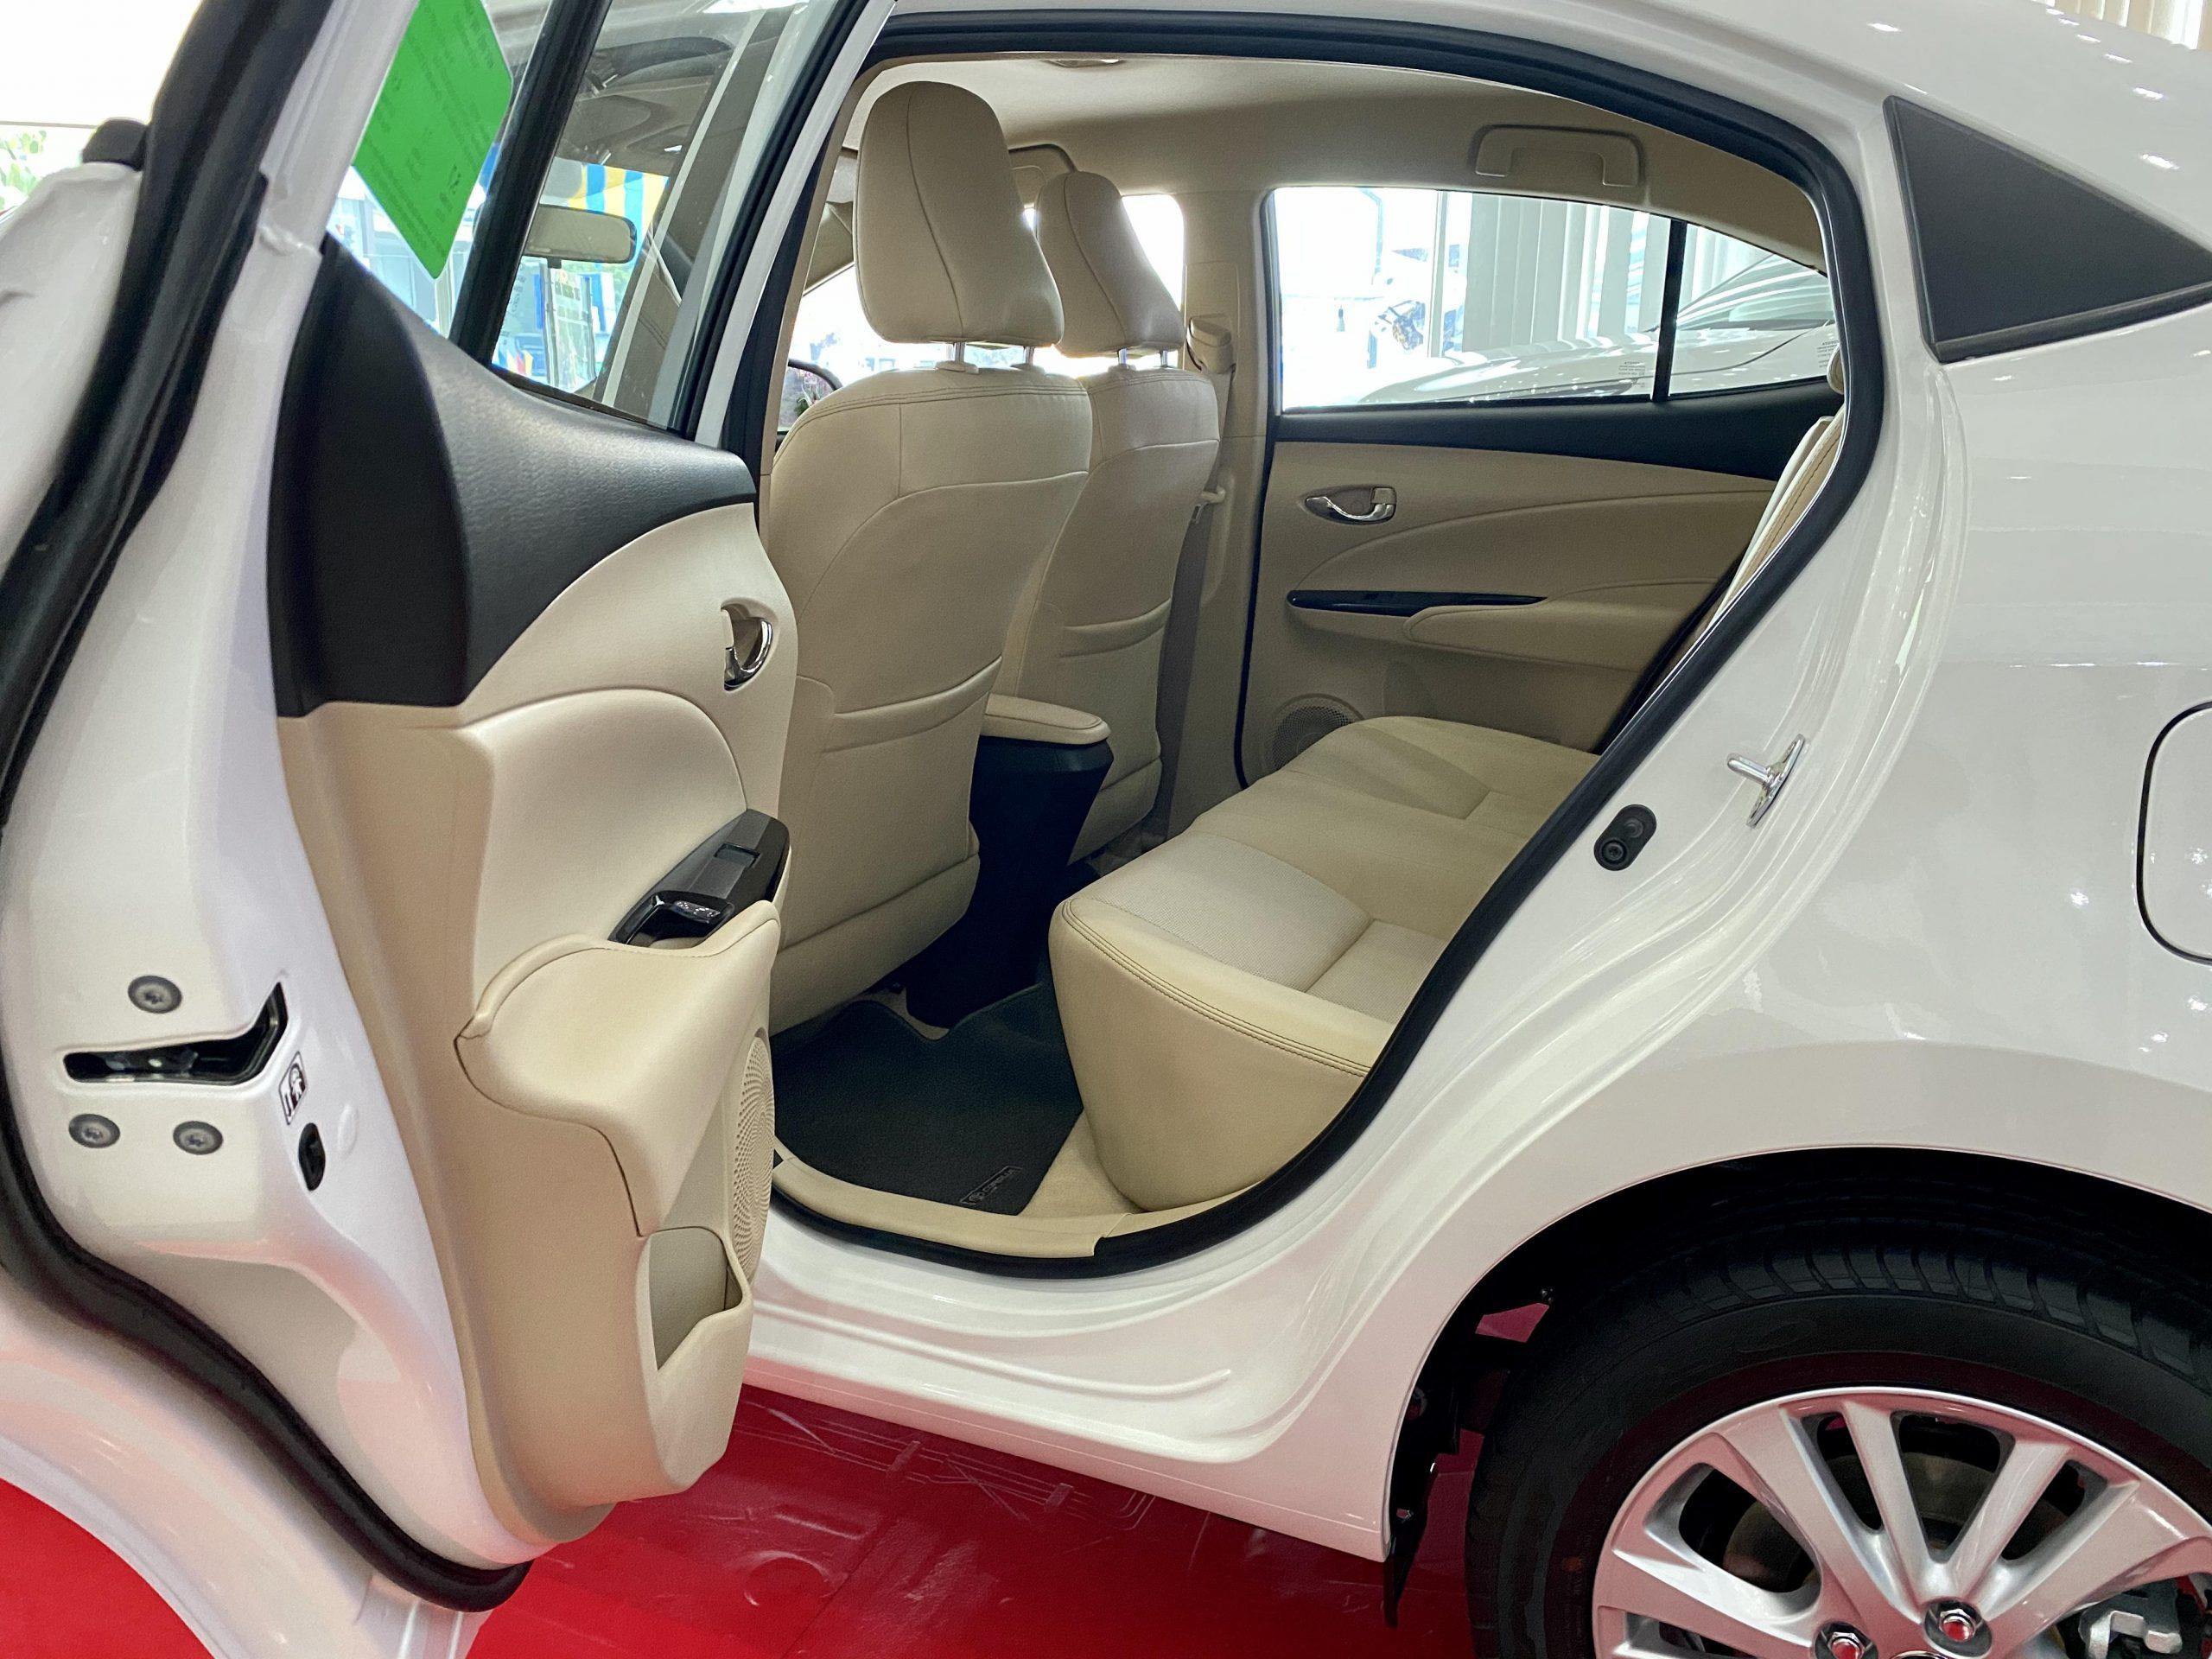 Vios 2020 G 07 scaled - Toyota Vios 2020: giá bán và khuyến mãi cập nhật mỗi 2 phút